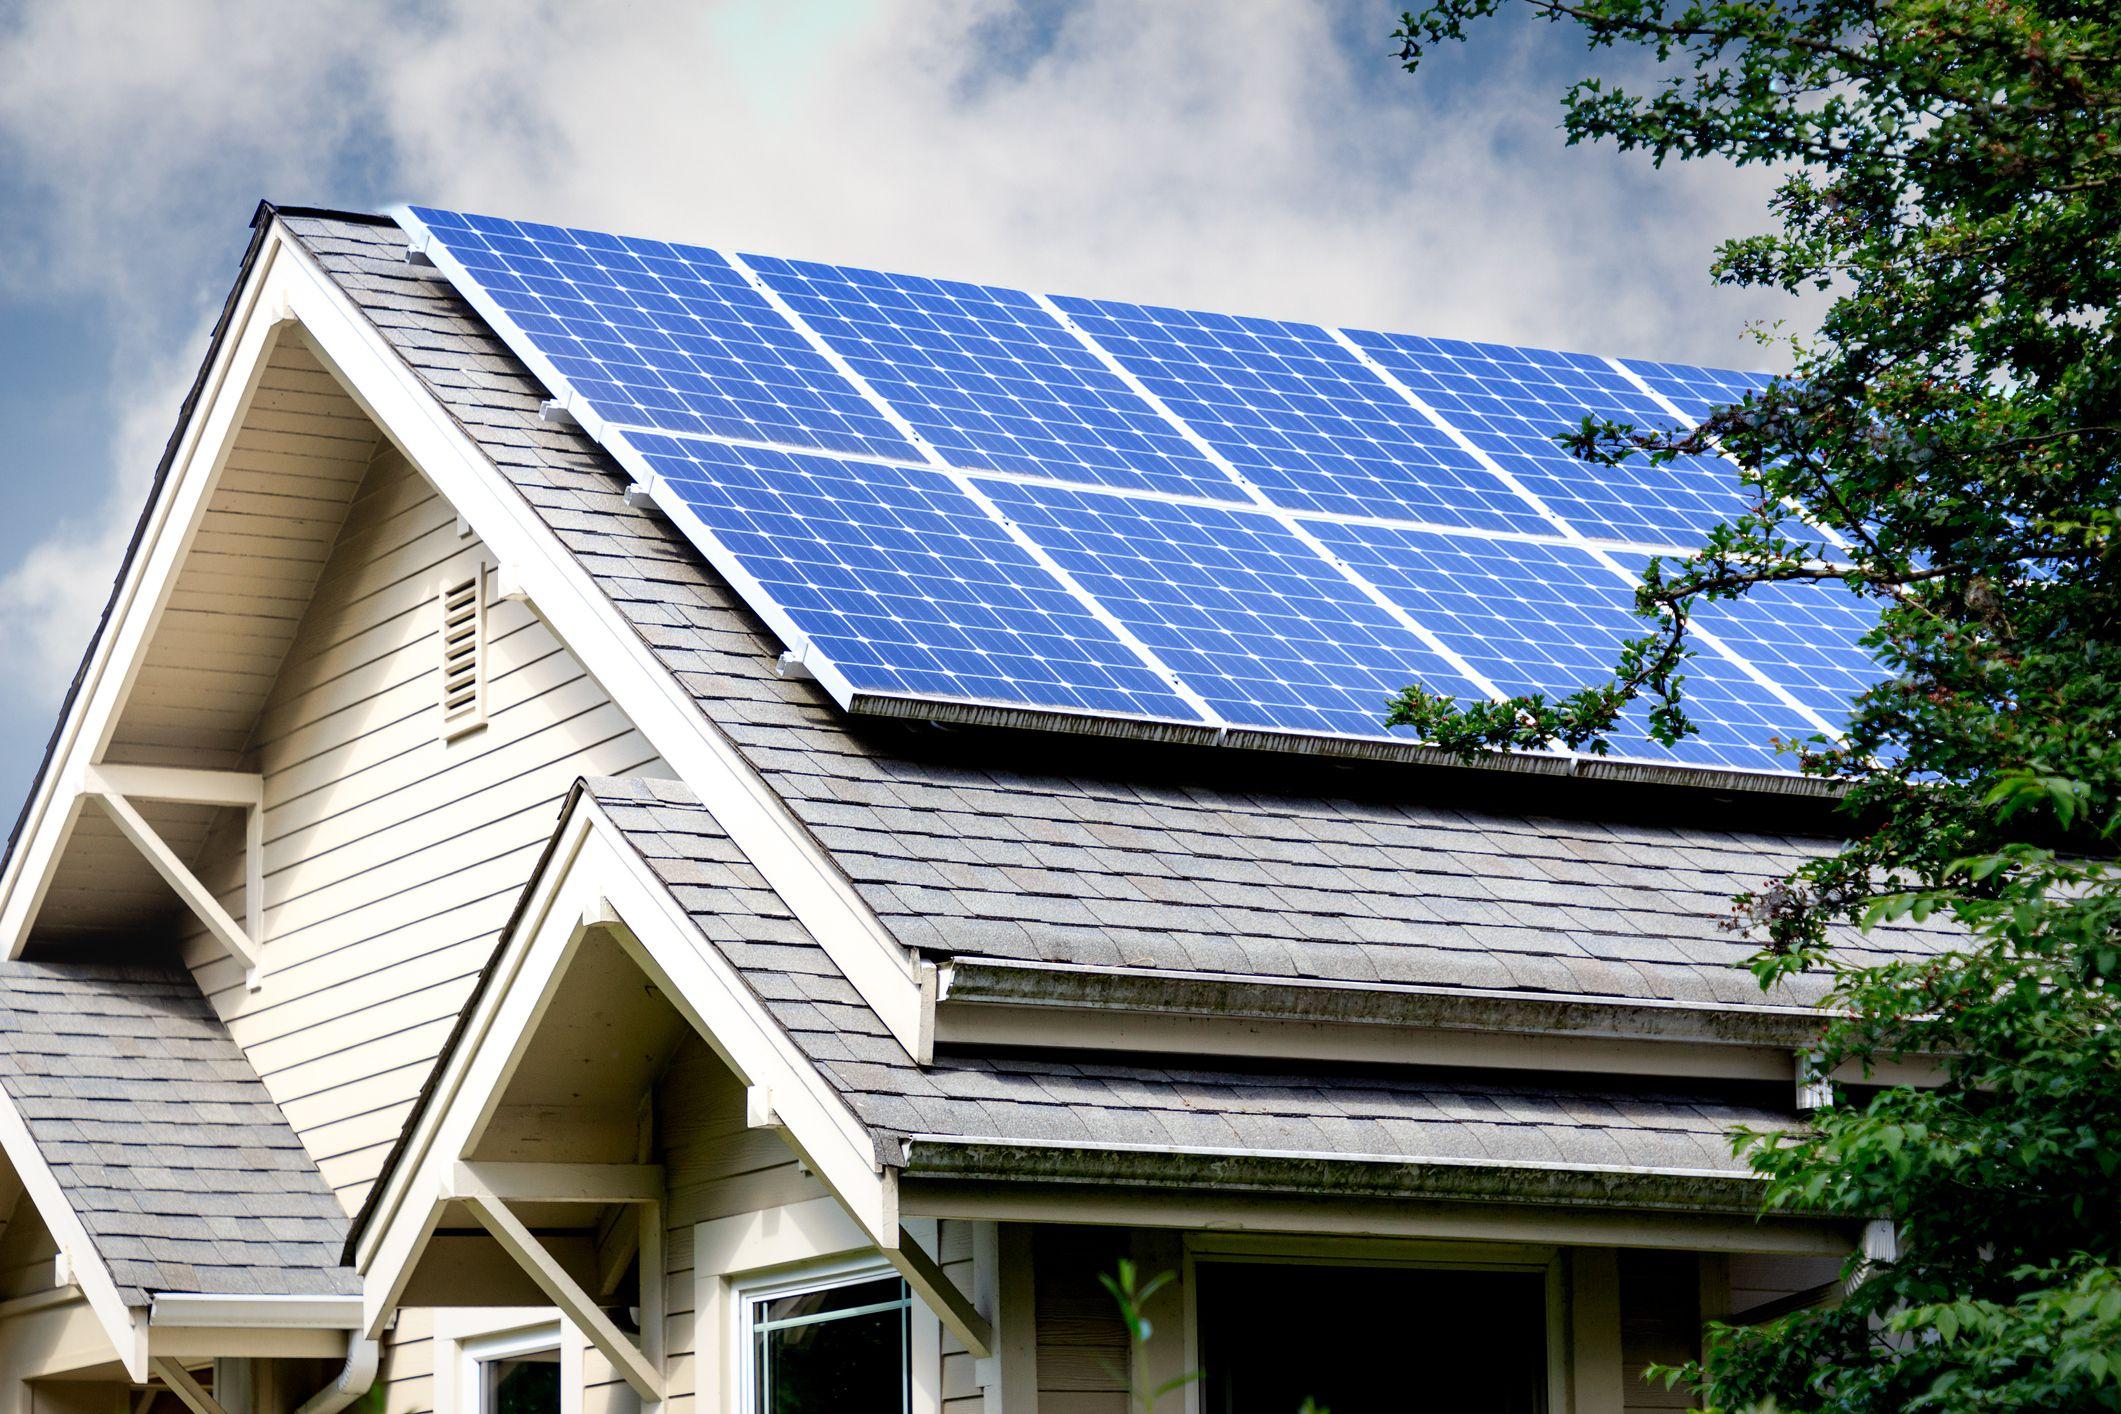 特斯拉纽约超级工厂扩招人才 以加速太阳能产品生产